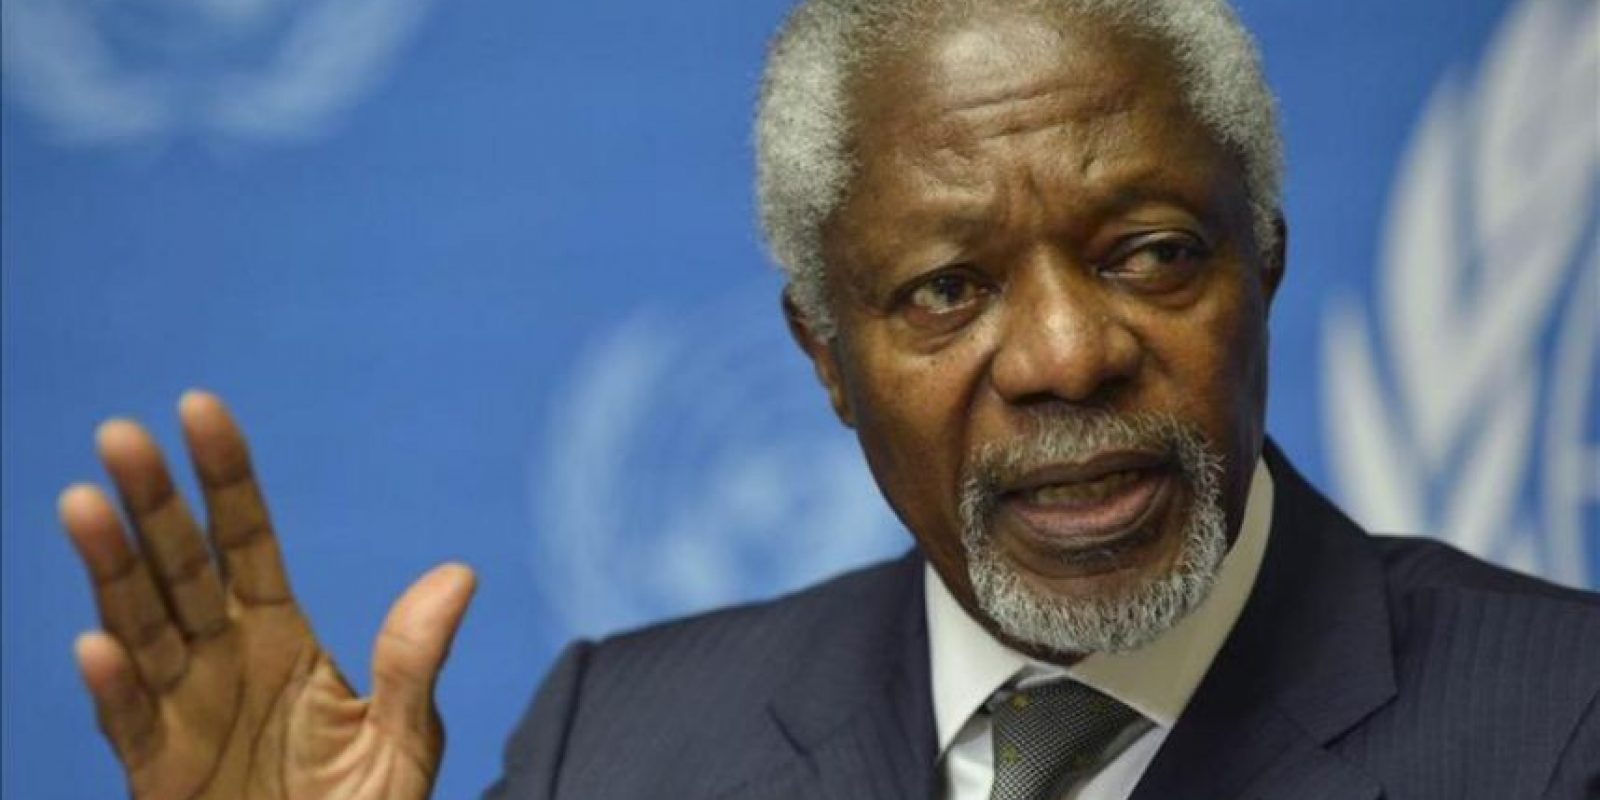 El enviado especial de la ONU para Siria, Kofi Annan, habla en rueda de prensa hoy viernes 22 de junio de 2012 en Ginebra, Suiza. EFE